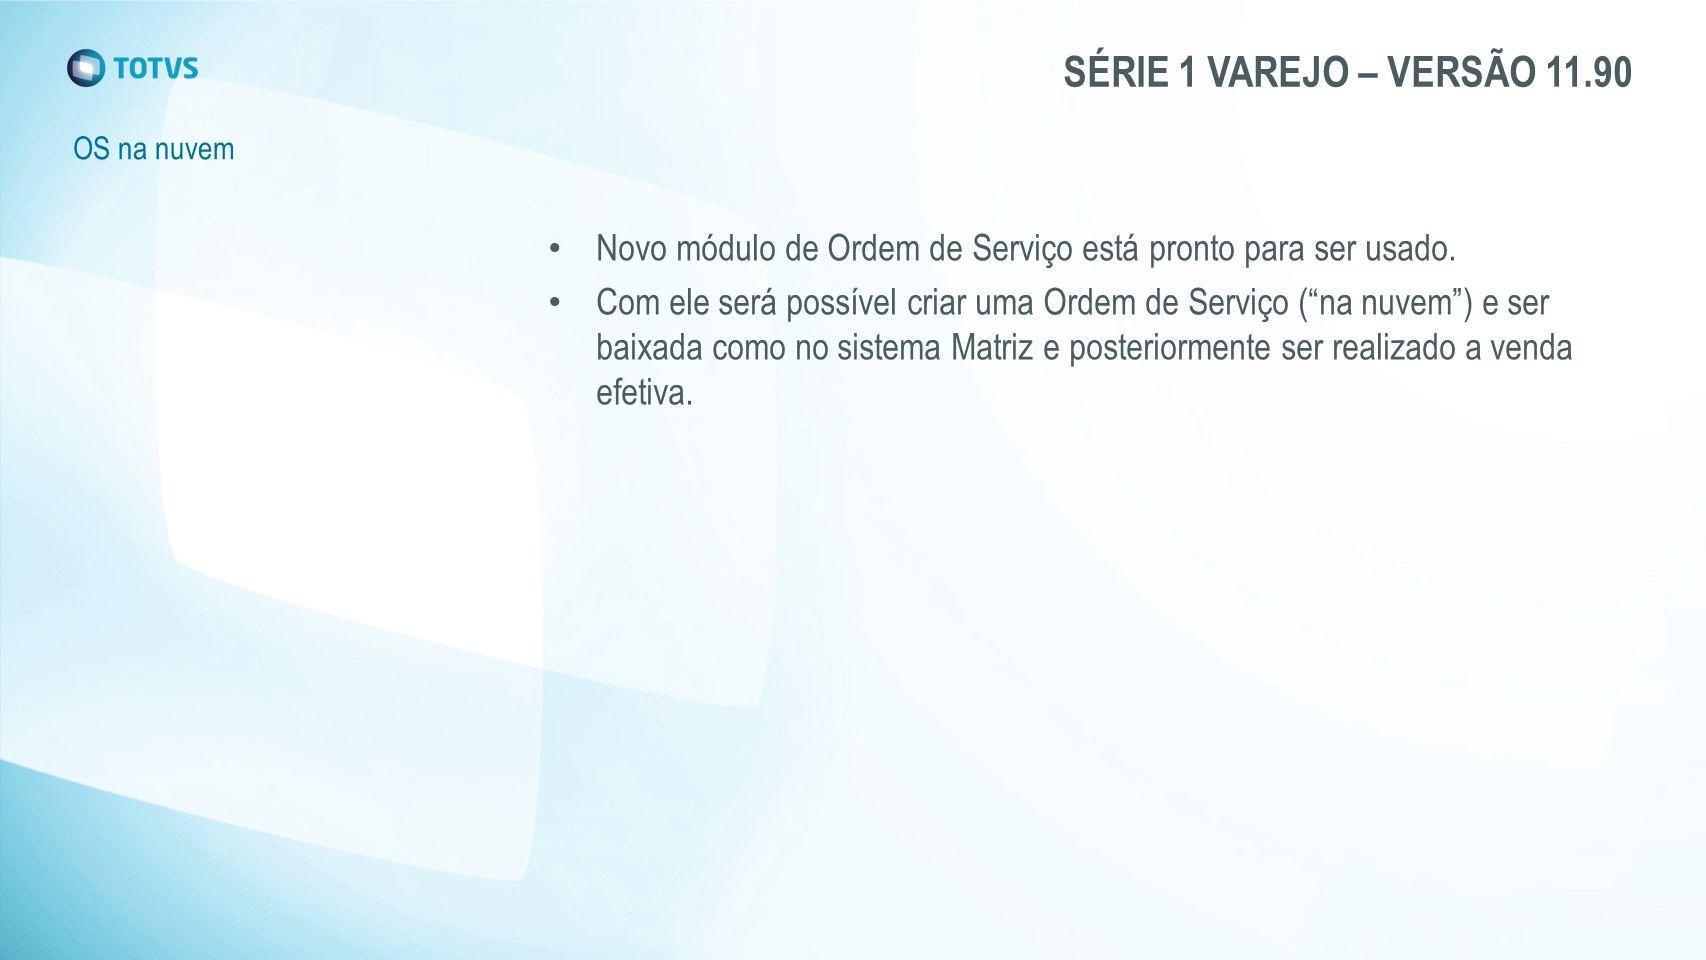 SÉRIE 1 VAREJO – VERSÃO 11.90 OS na nuvem Novo módulo de Ordem de Serviço está pronto para ser usado. Com ele será possível criar uma Ordem de Serviço